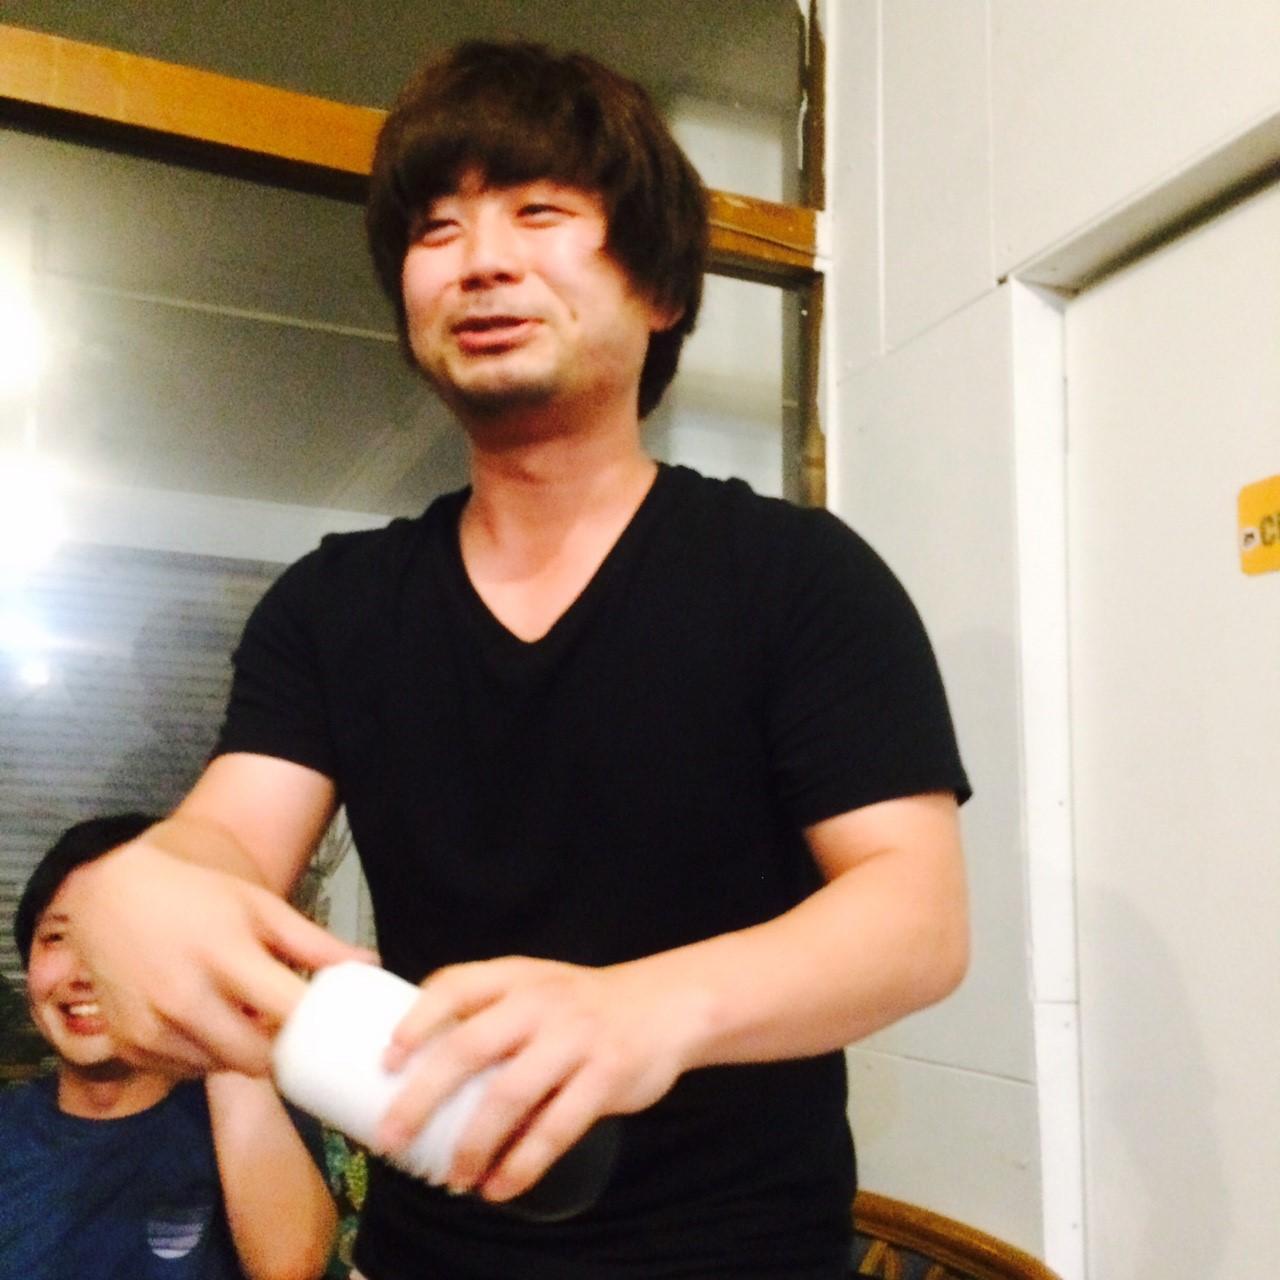 周太郎氏、TENGAについて熱弁